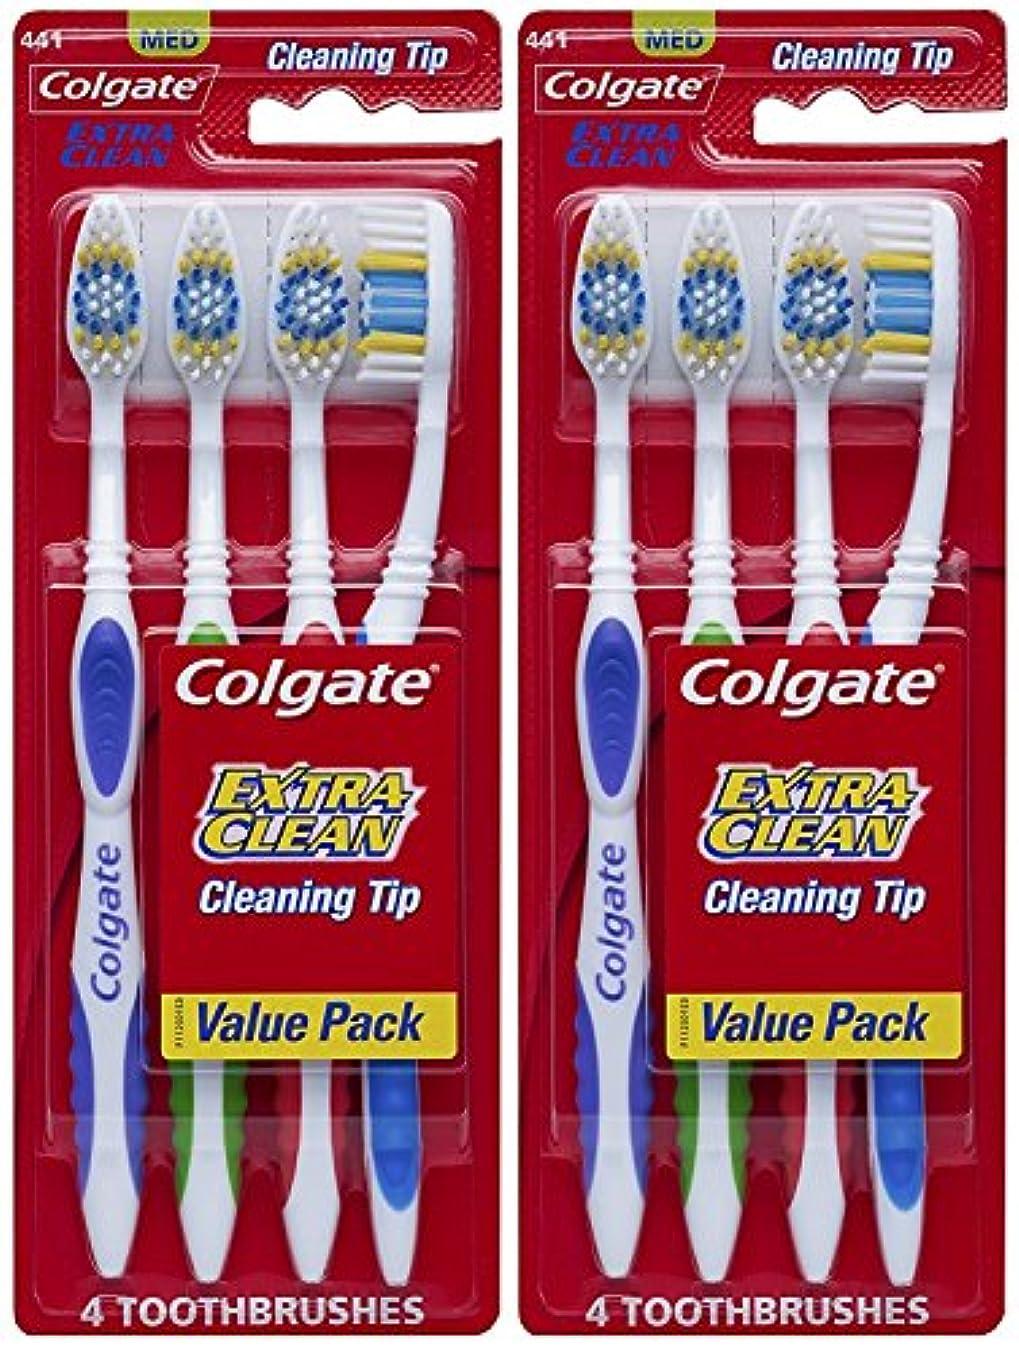 背が高い学部有限Colgate エクストラクリーン完全な頭部、ミディアム歯ブラシ、4-カウント(2パック)合計8歯ブラシ 8カウント